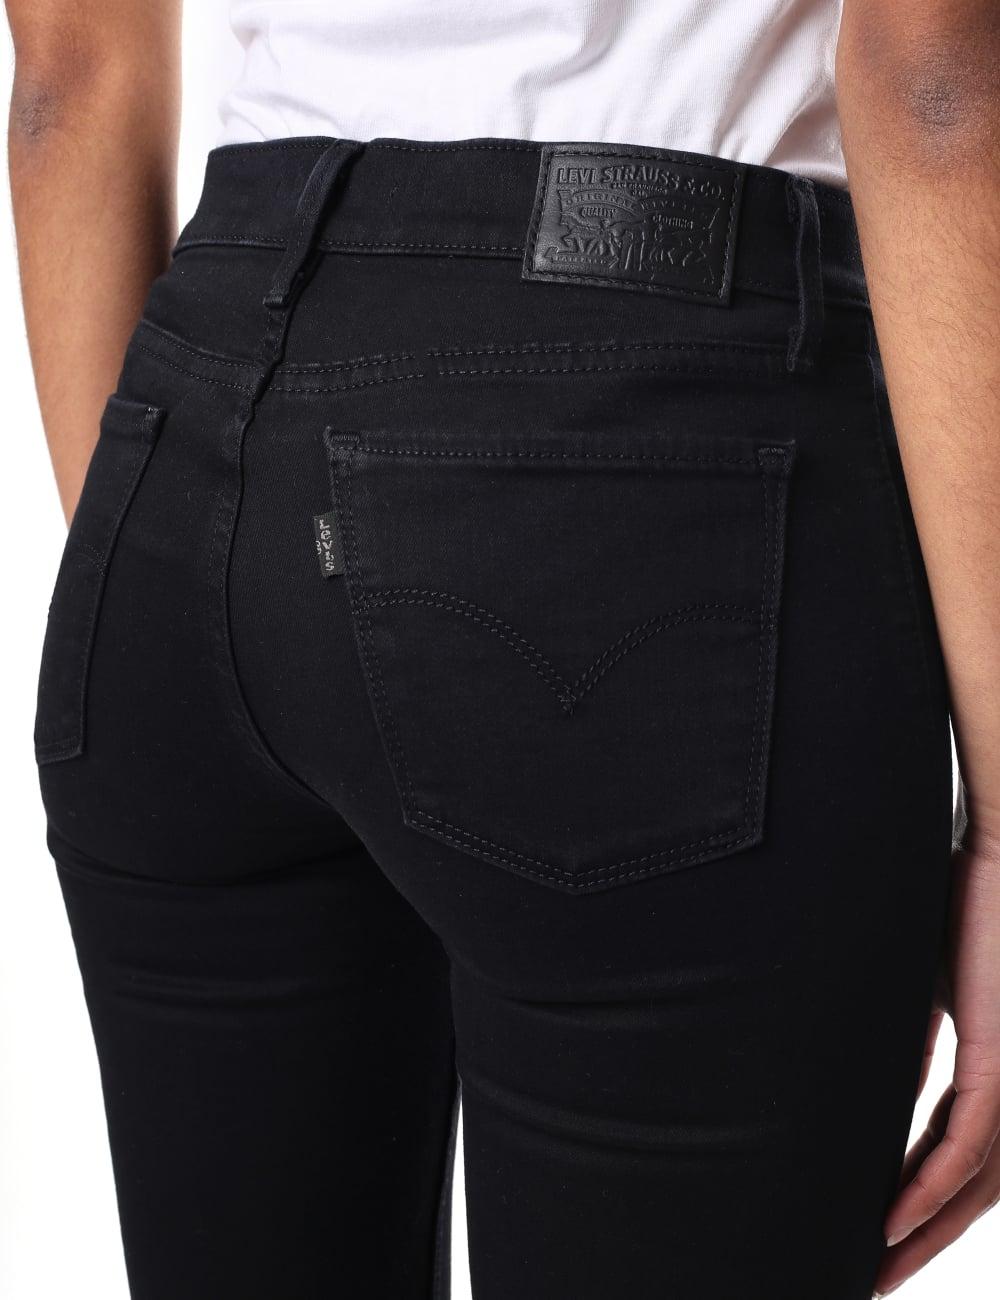 bc890fb5 Levi's 710 Flawless FX Women's Super Skinny Jean